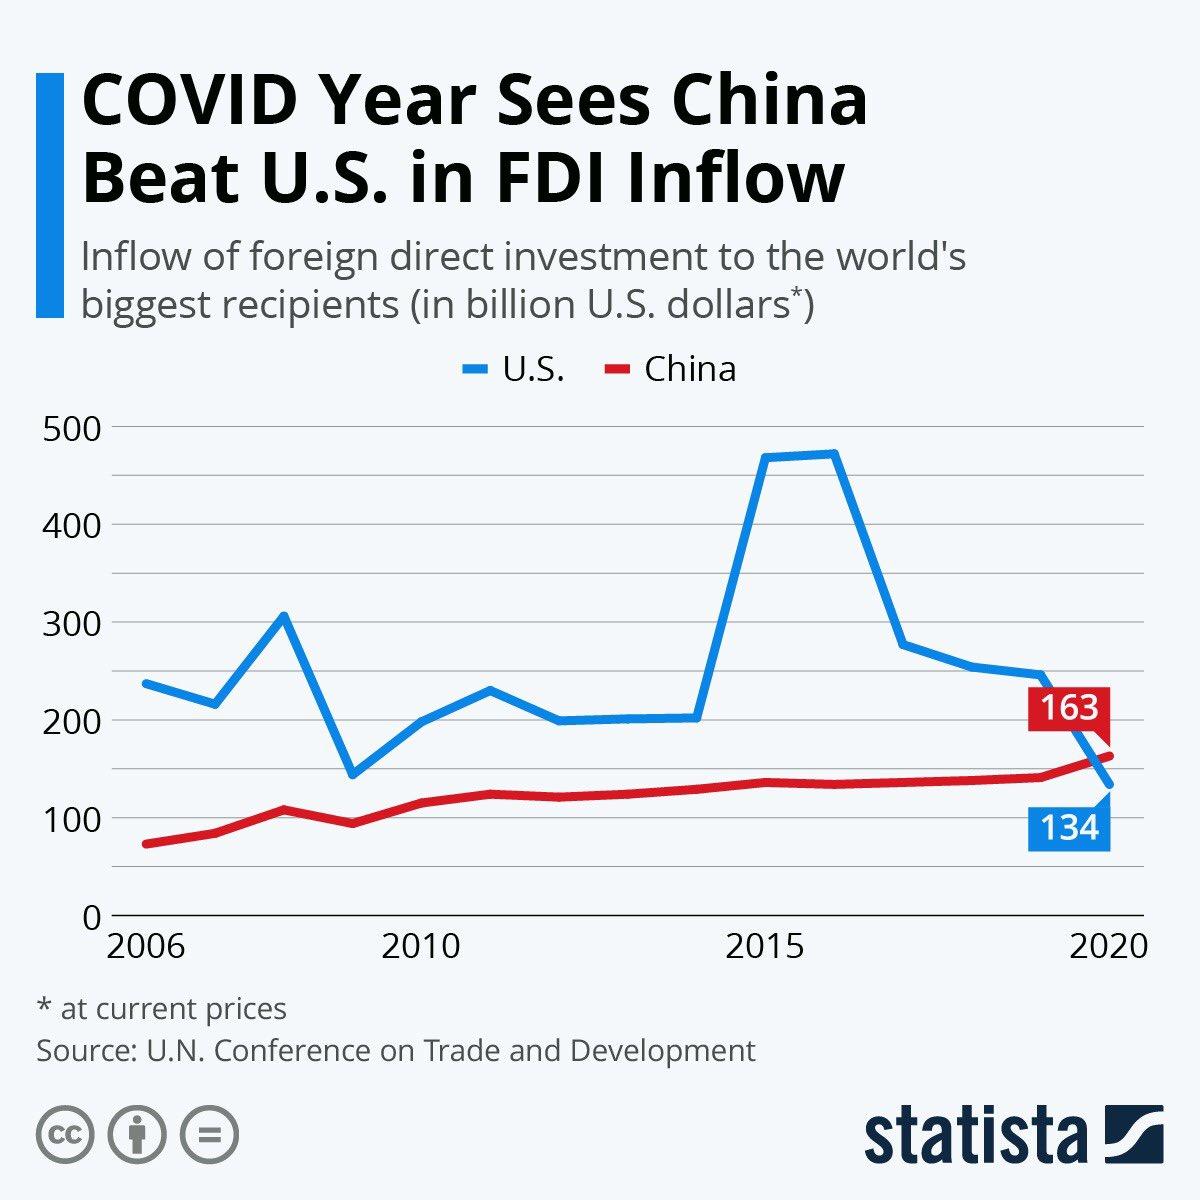 حتى في أوقات #الكورونا أظهرت #الصين تقدماً على #أمريكا في استحواذها على حصة أكبر في #الاستثمارات_الأجنبية المباشرة رغم أنها تراجعت -42% عالمياً في 2020، حيث ارتفعت 4% في الصين لتصل الى 163 مليار$ بينما استقبلت أمريكا 134 مليار$ من الاستثمارت الأجنبية! #FDI